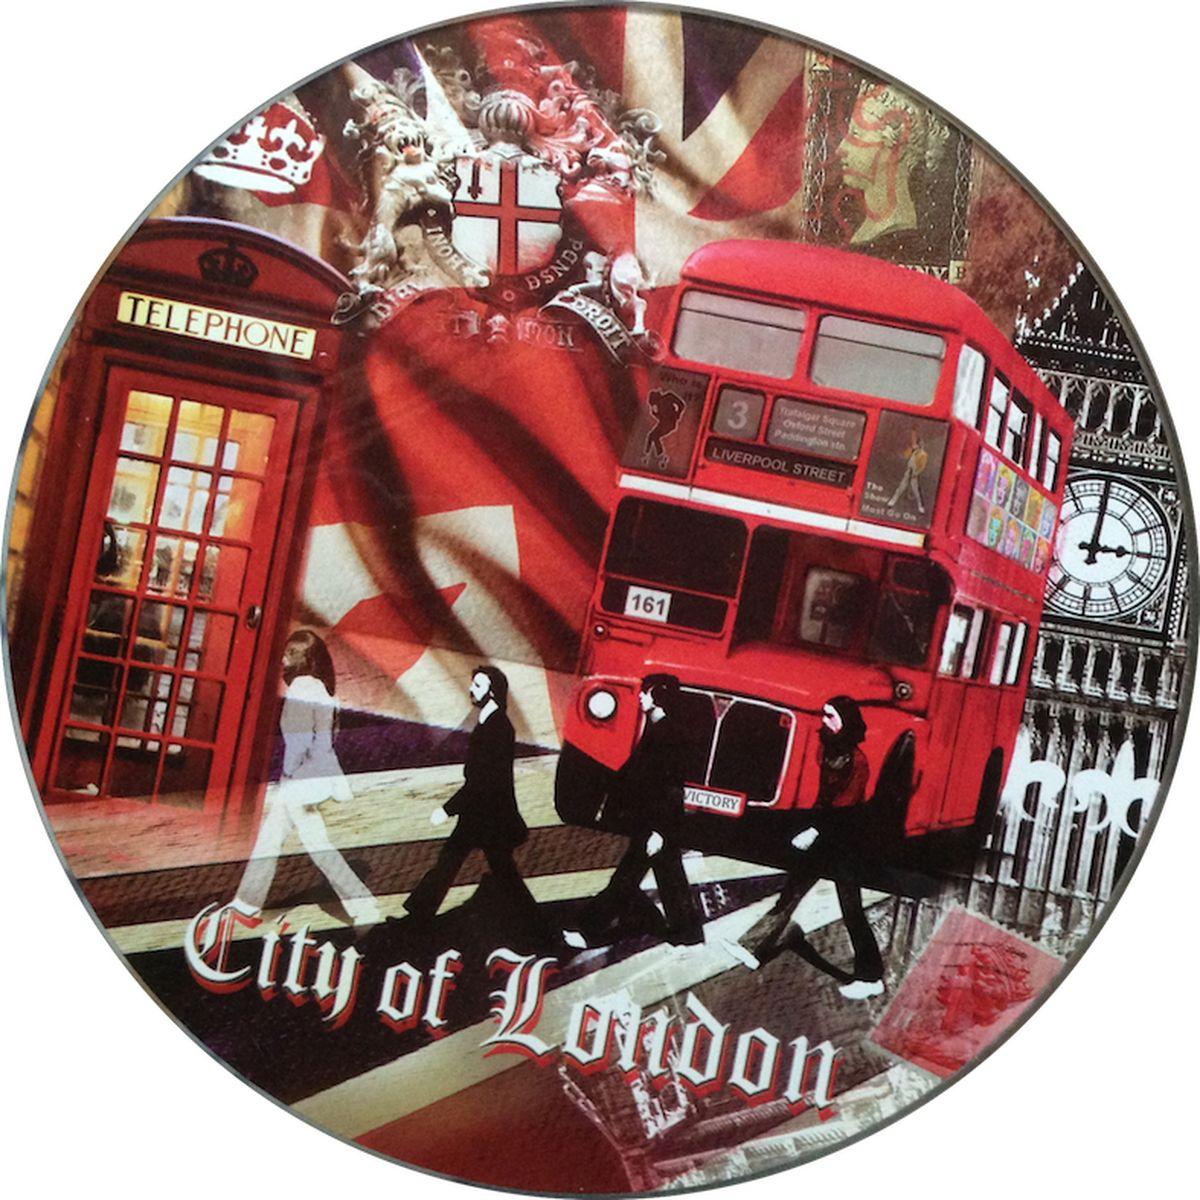 Доска разделочная GiftnHome Лондонские фантазии, стеклянная, диаметр 19 см115510Разделочная доска GiftnHome Лондонские фантазии выполнена из жароустойчивого стекла. Изделие, украшенное красочным изображением достопримечательностей Лондона, идеально впишетсяв интерьер современной кухни. Специальное покрытие вкладыша обеспечивает стойкость к влаге и высоким температурам. Изделие легко чистить от пятен и жира. Также доску можно применять как подставку под горячее.Разделочная доска GiftnHome Лондонские фантазии украсит ваш стол и сбережет его от воздействия высоких температур ваших кулинарных шедевров. Можно мыть в посудомоечной машине.Диаметр доски: 19 см. Толщина доски: 0,4 см.